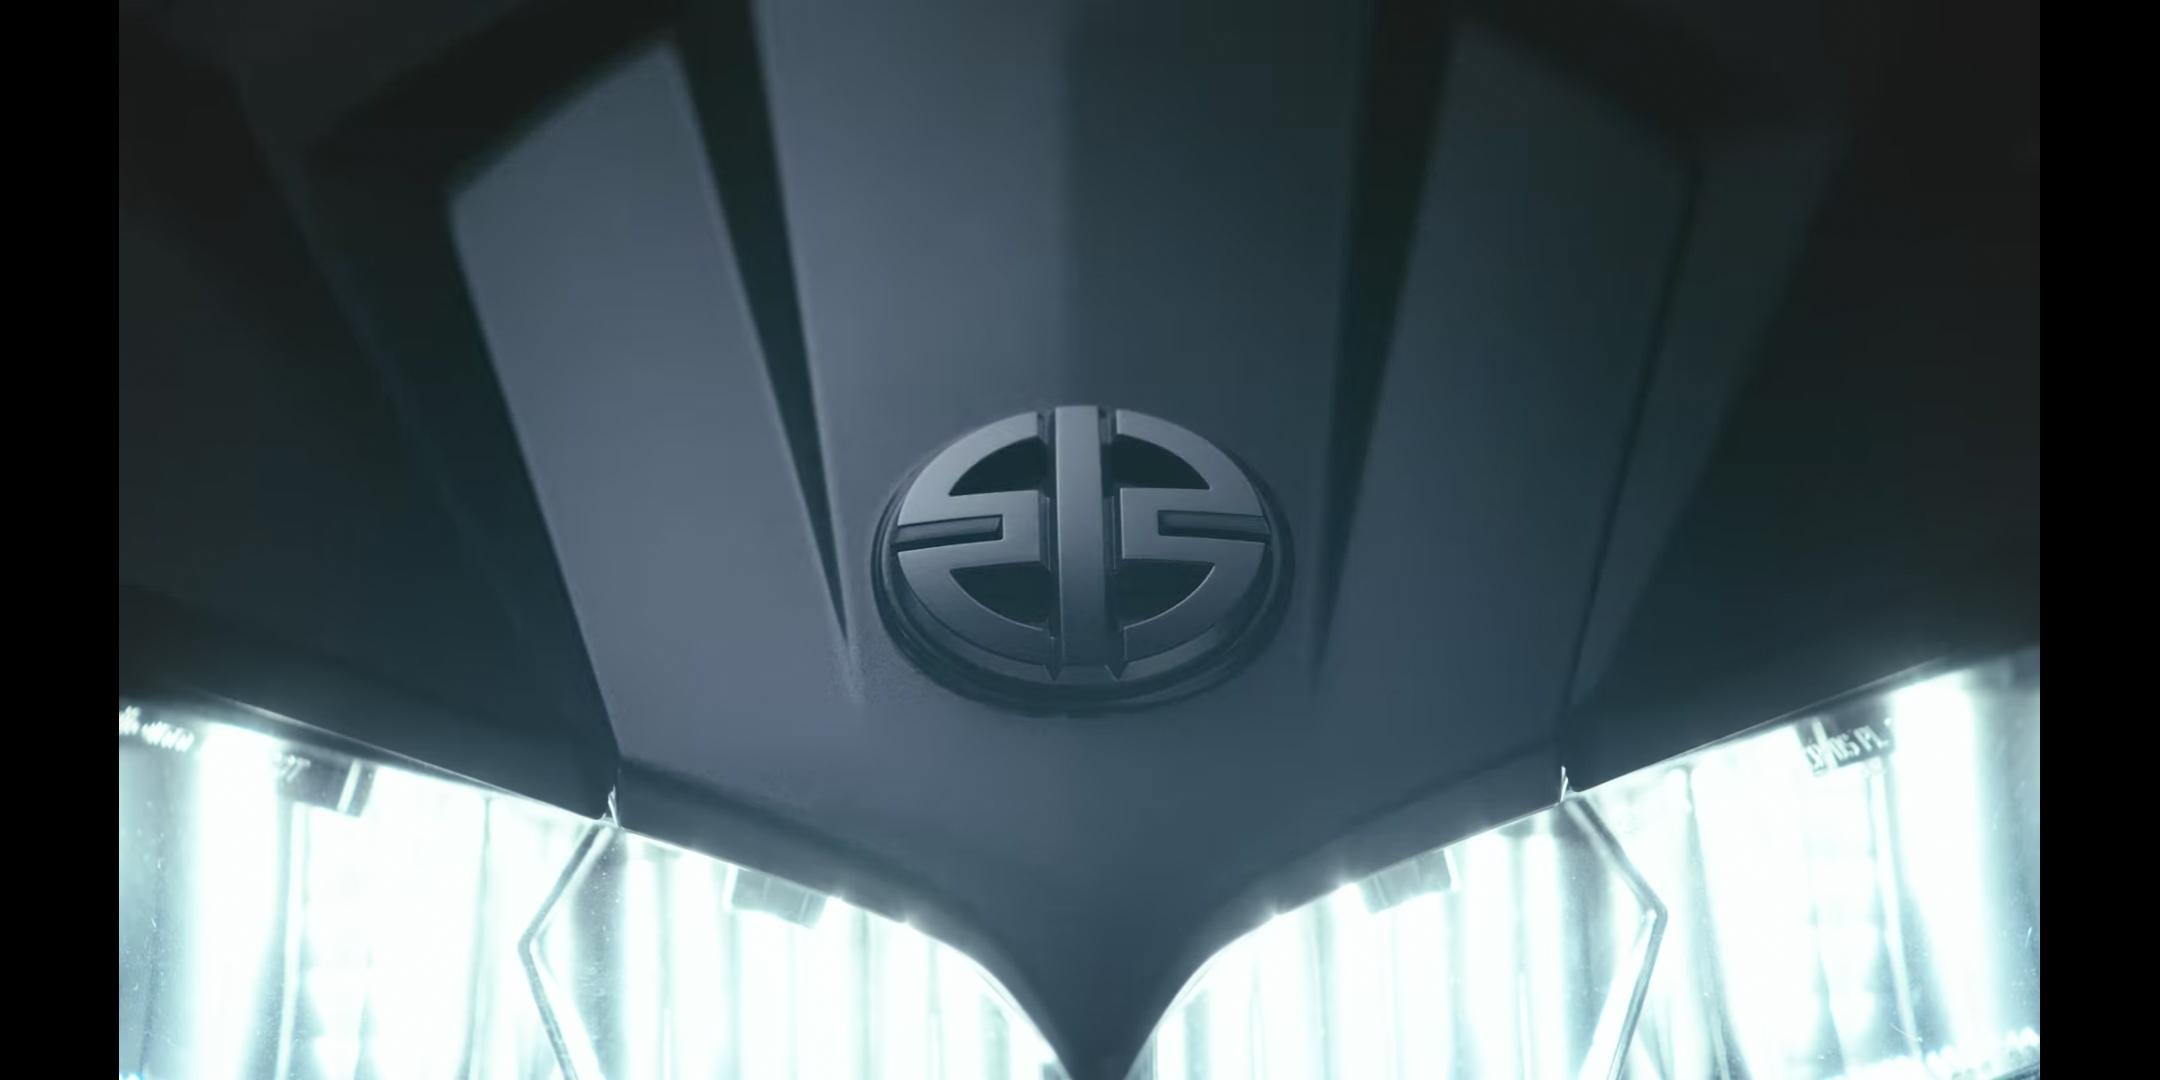 Kawasaki(カワサキ) 10/23 東京モーターショーでZ系スーパーチャージャーモデルを公開!